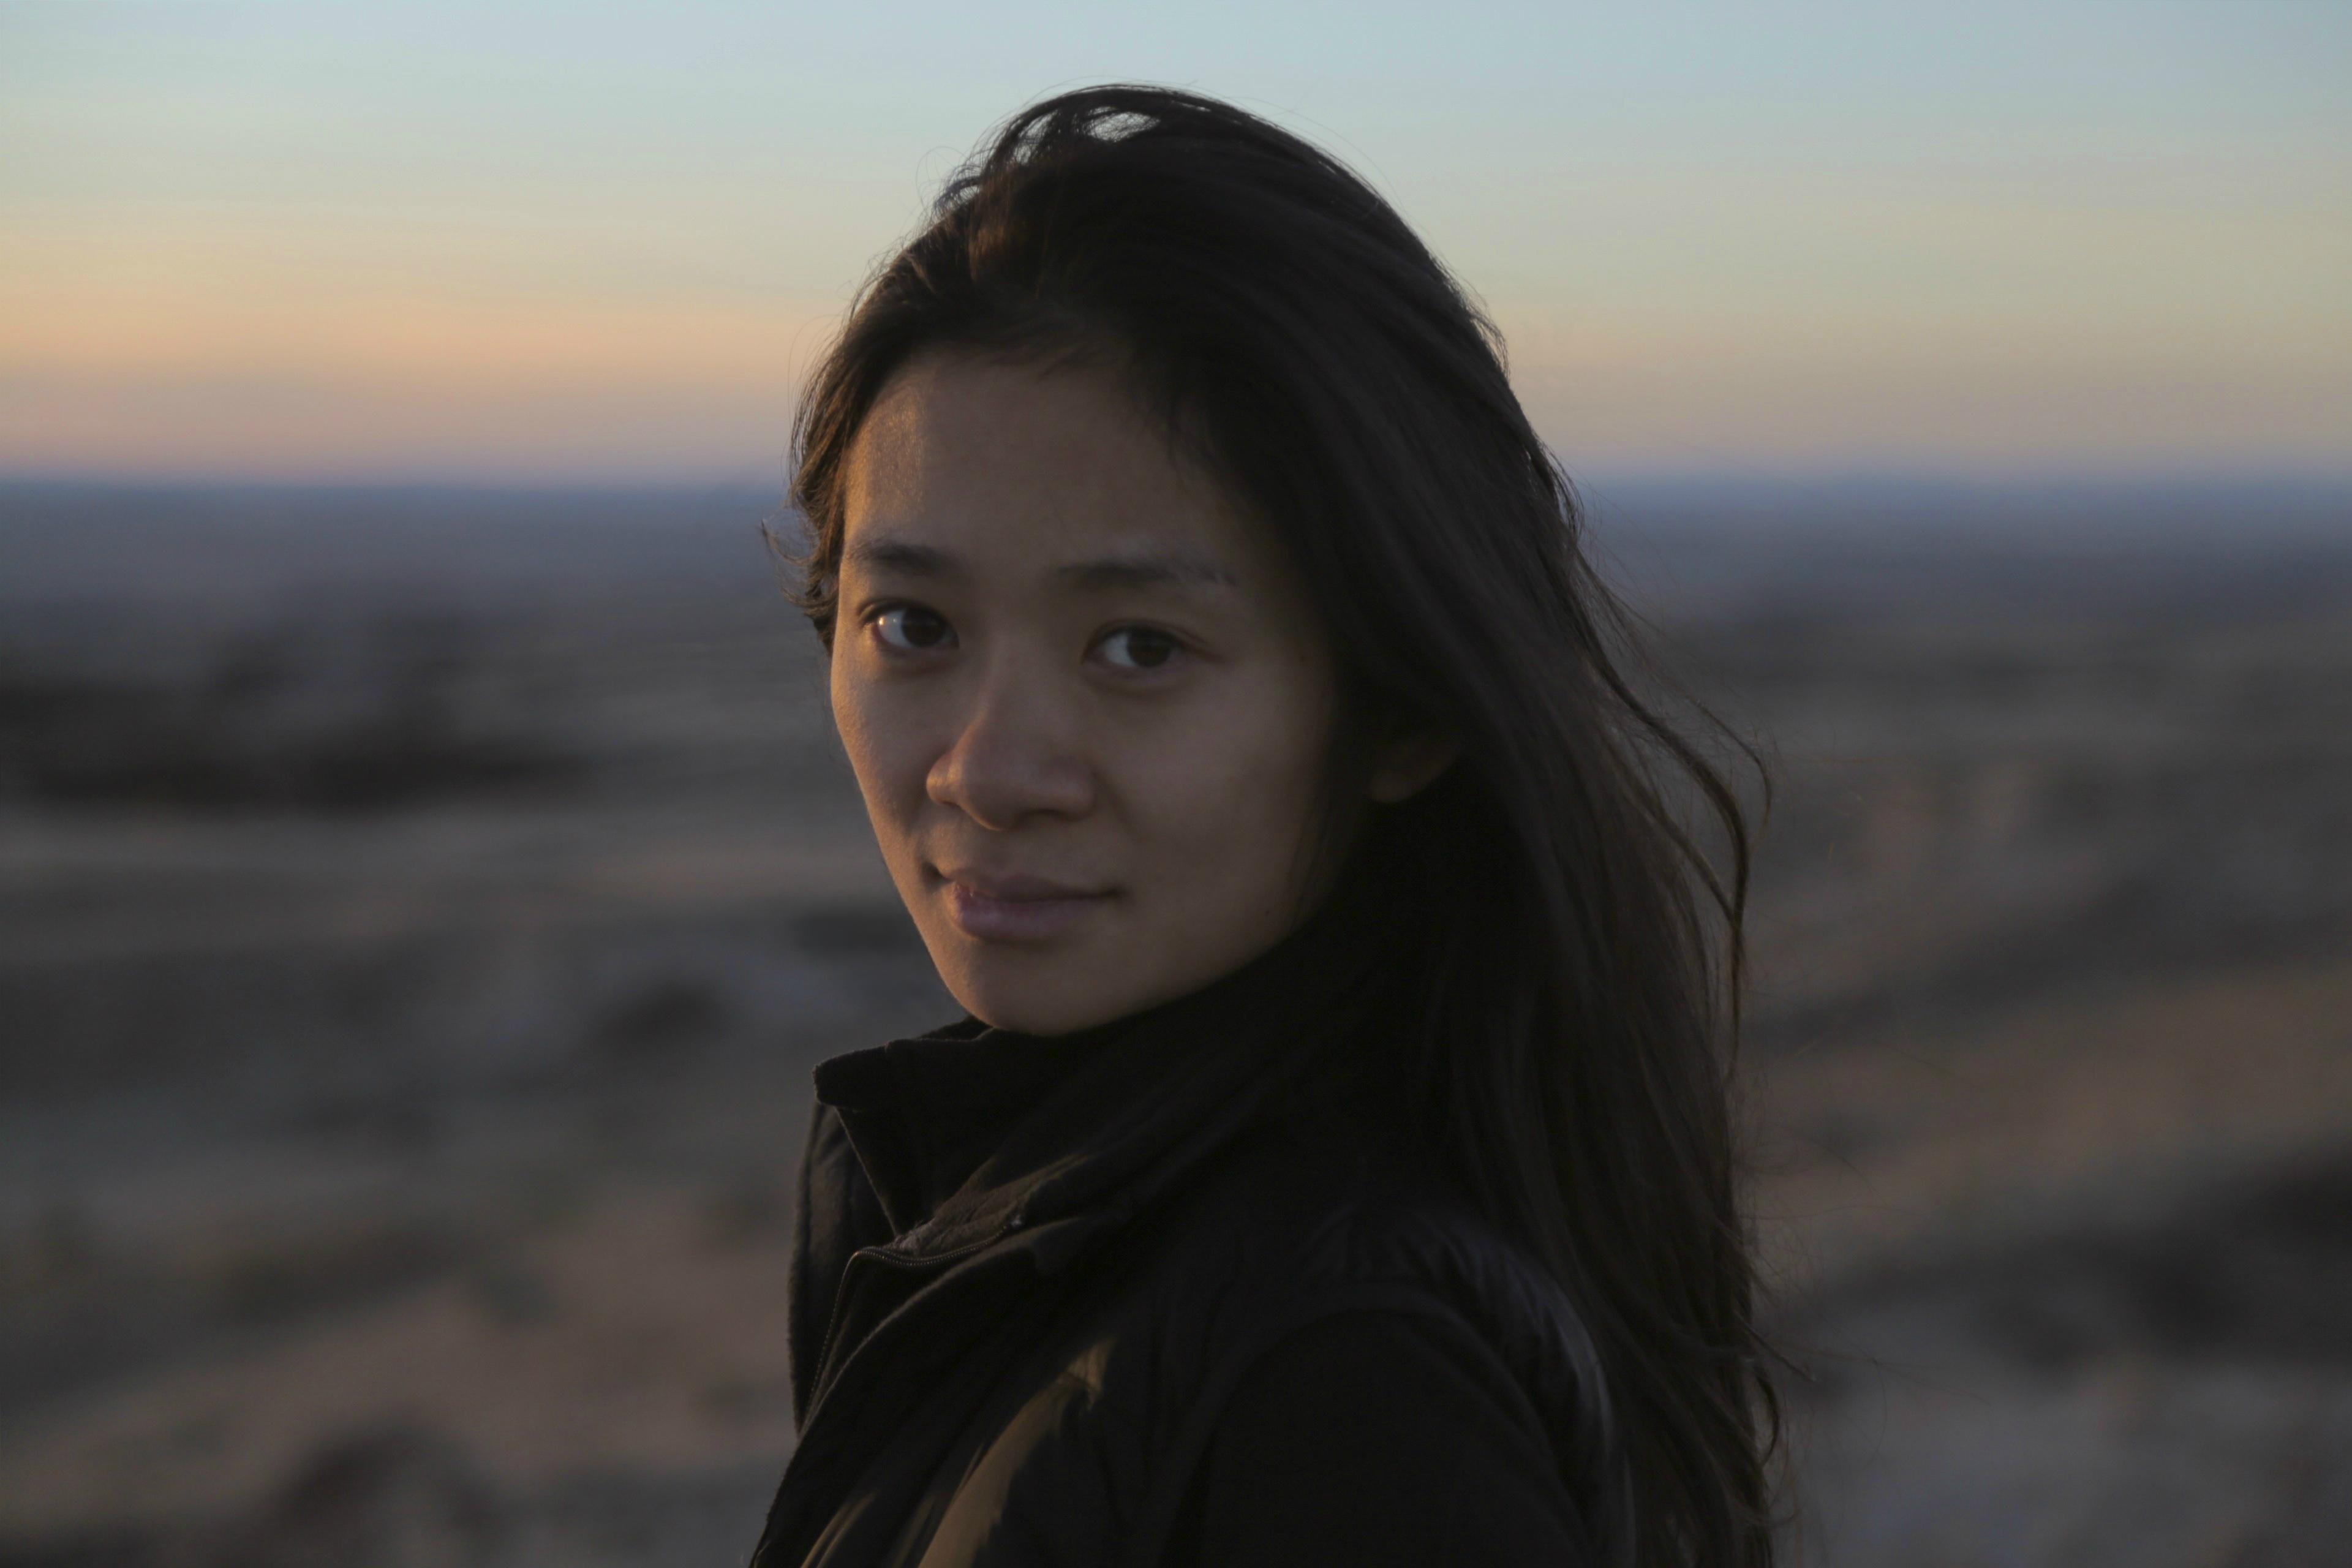 Хлоя Чжао вошла в историю как вторая женщина, получившая премию за лучшую режиссуру